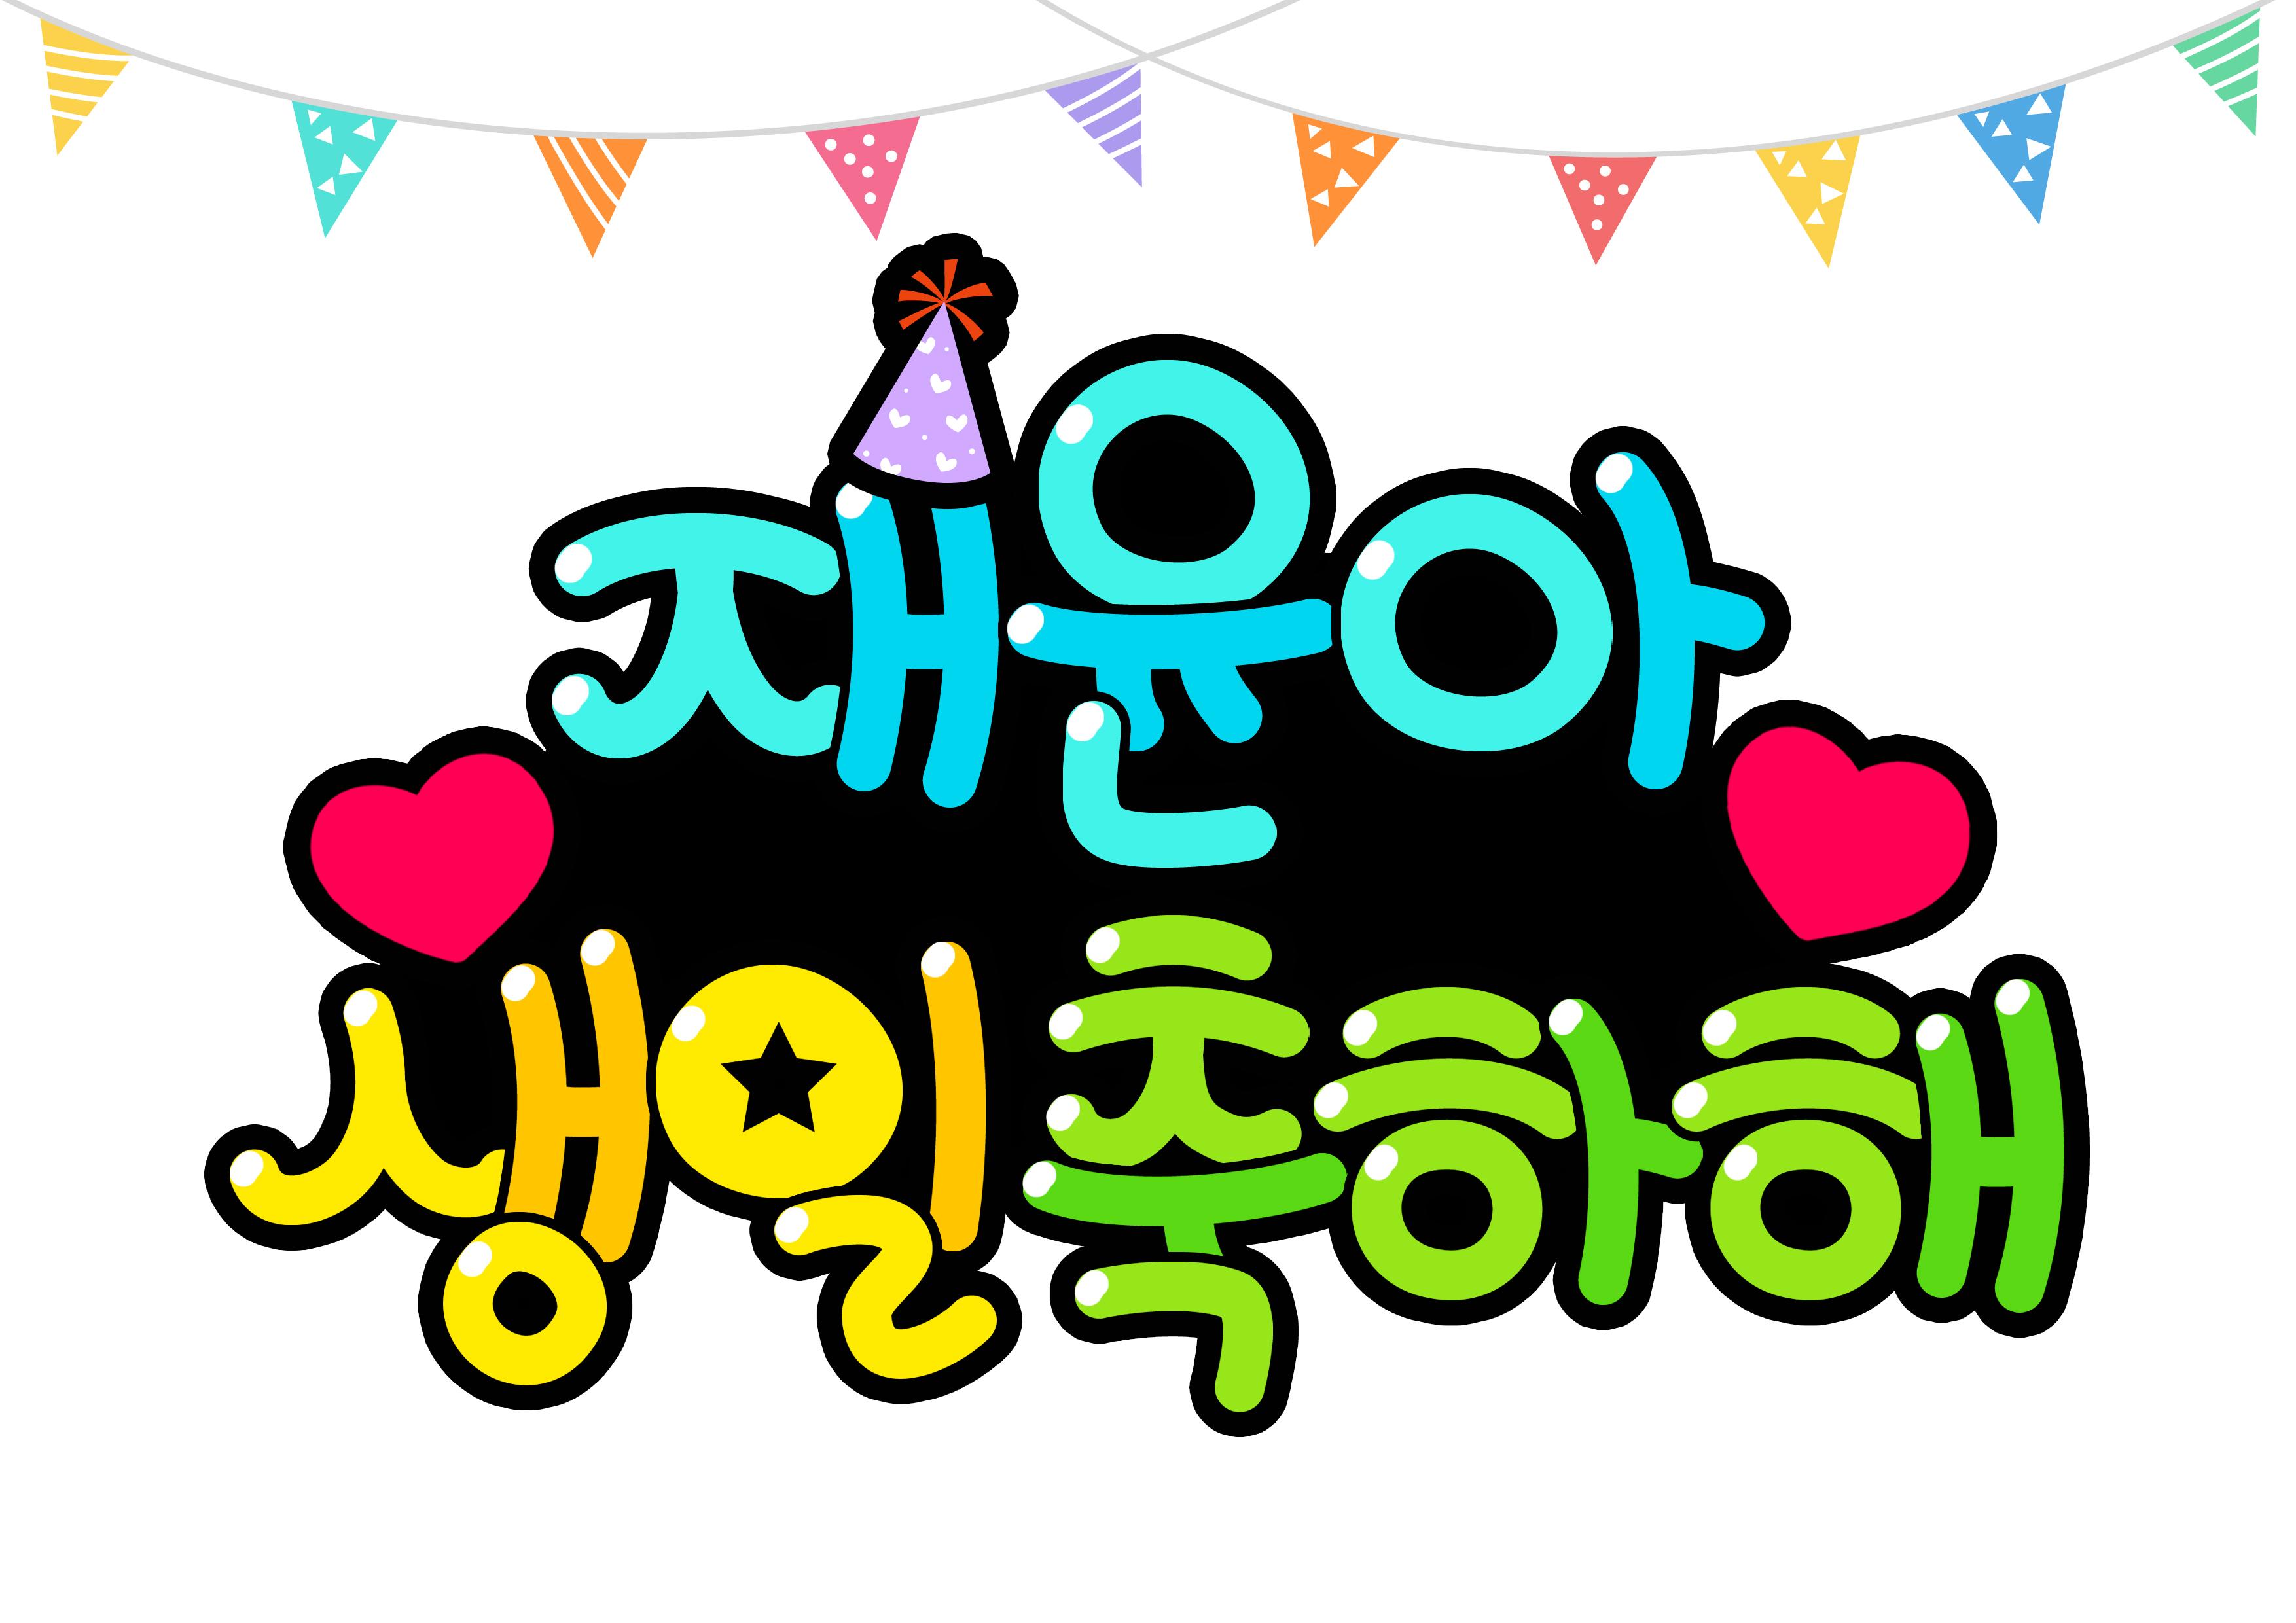 재윤아 생일 축하해